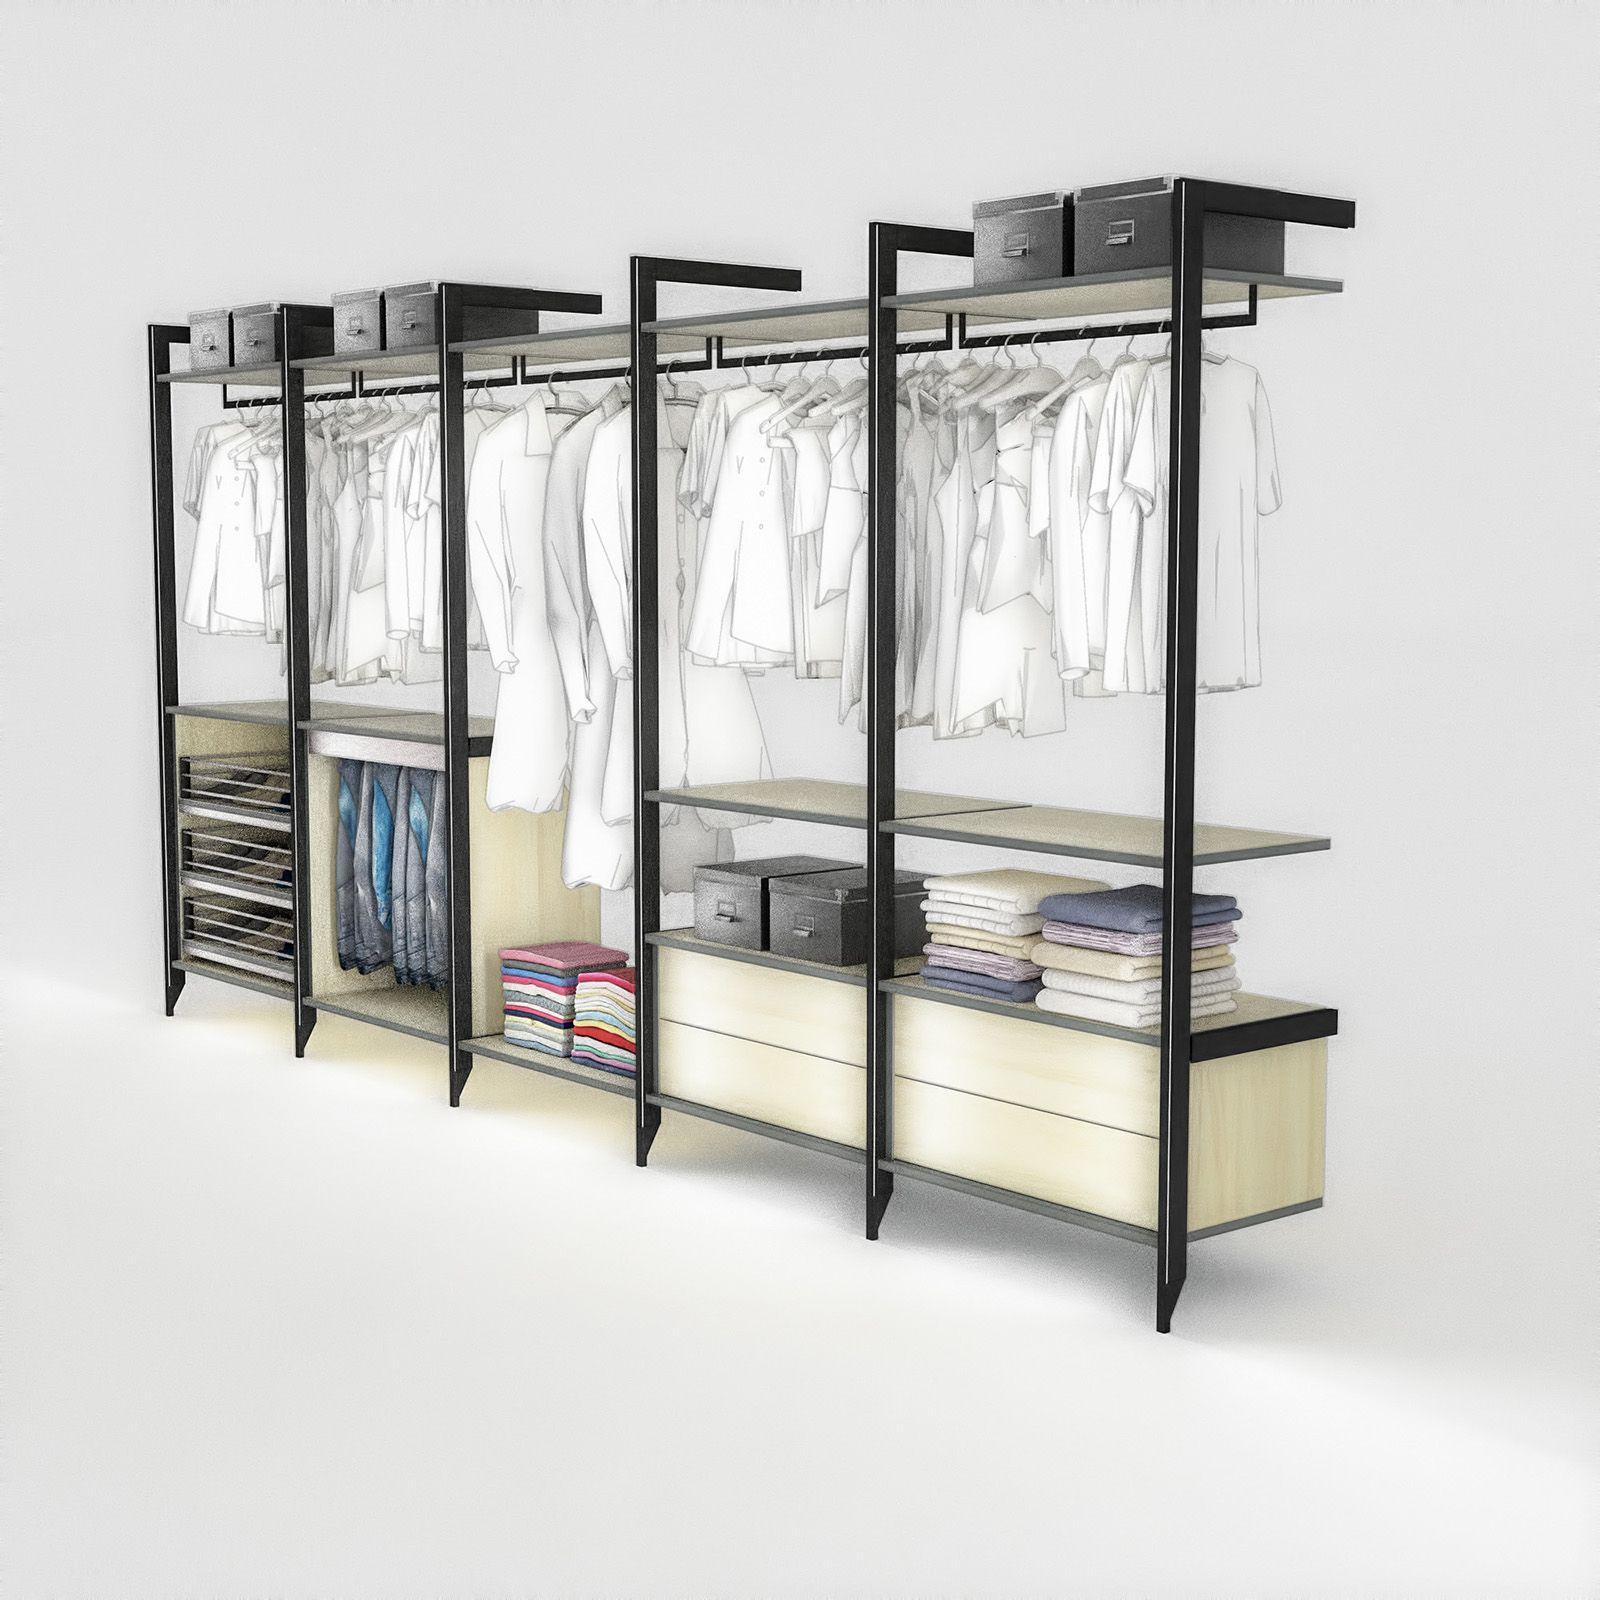 Stollenregal von Cabinet   Einbauschrank, Regalsystem, Schrank